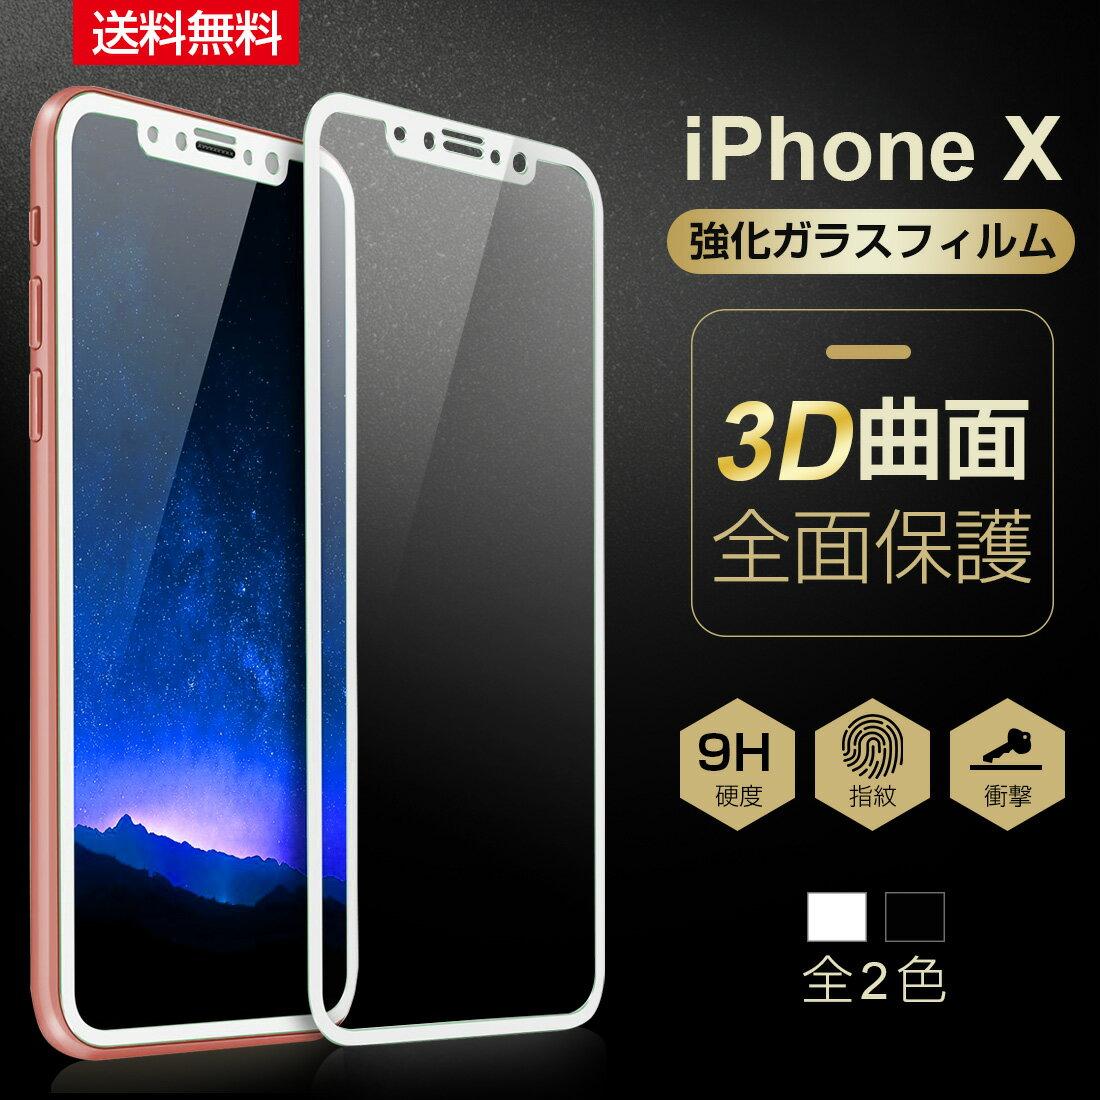 iPhone X(テン)専用 ガラスフィルム iPhoneX フィルム 強化 iPhone x 3D曲面 アイフォン X 液晶保護フィルム アイフォーン テン 日本旭硝子 全面保護カバー 硬度9H 送料無料